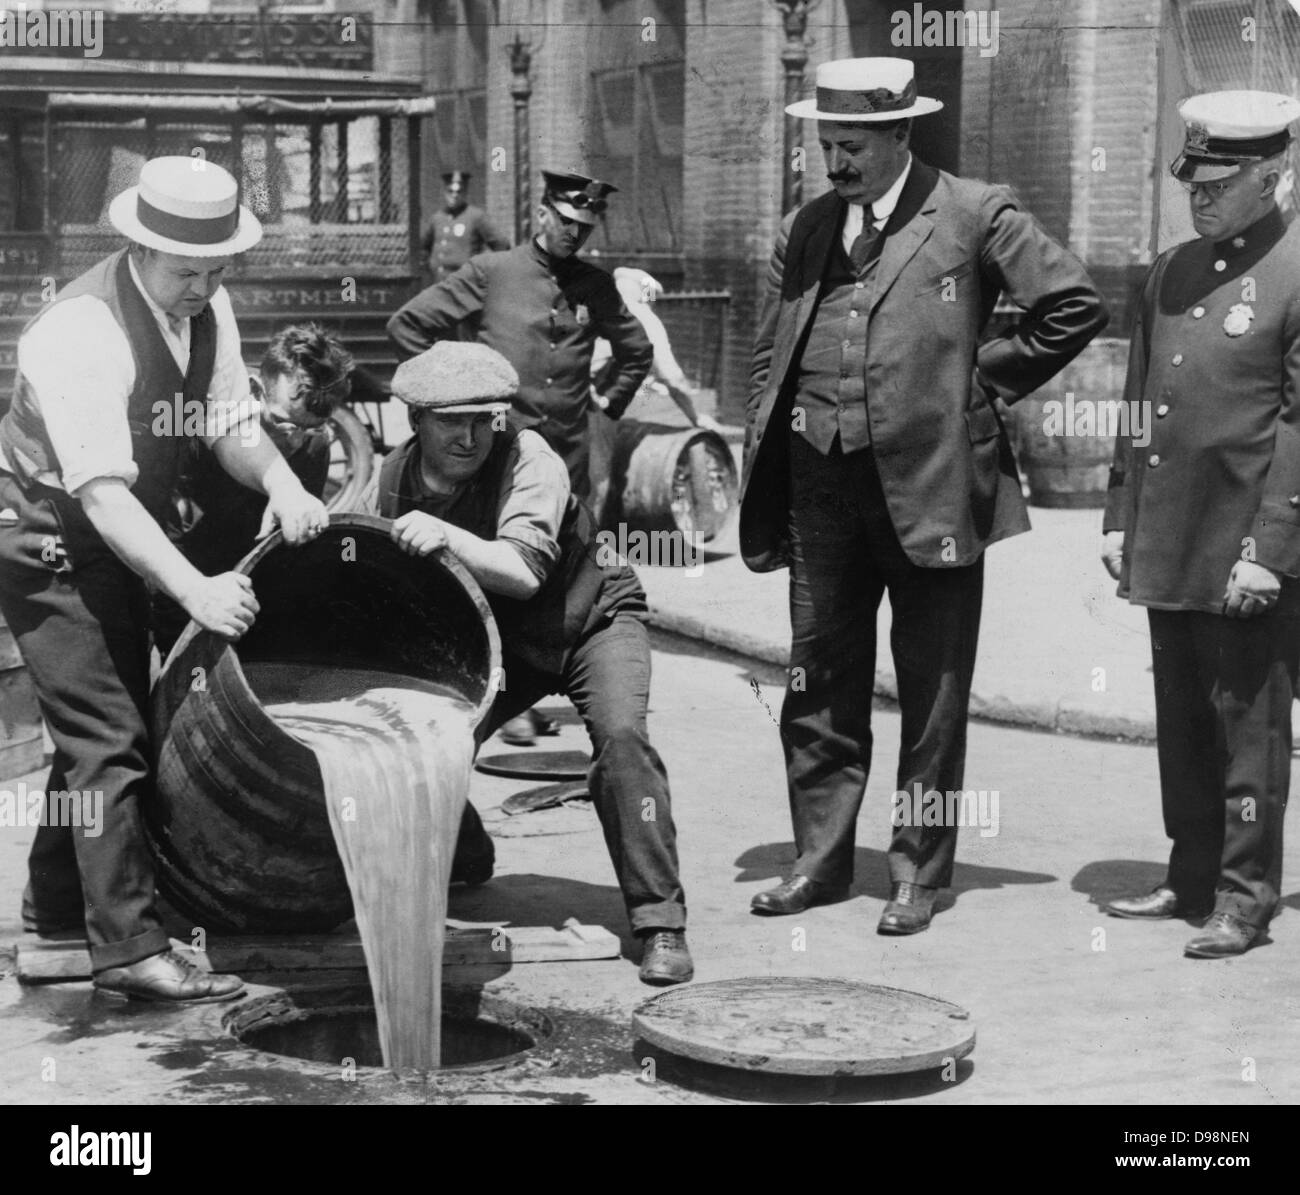 Prohibition in den USA 1920-1933: ein Fass beschlagnahmten illegalen Bier in einen Abfluss gegossen wird. Alkohol Stockbild